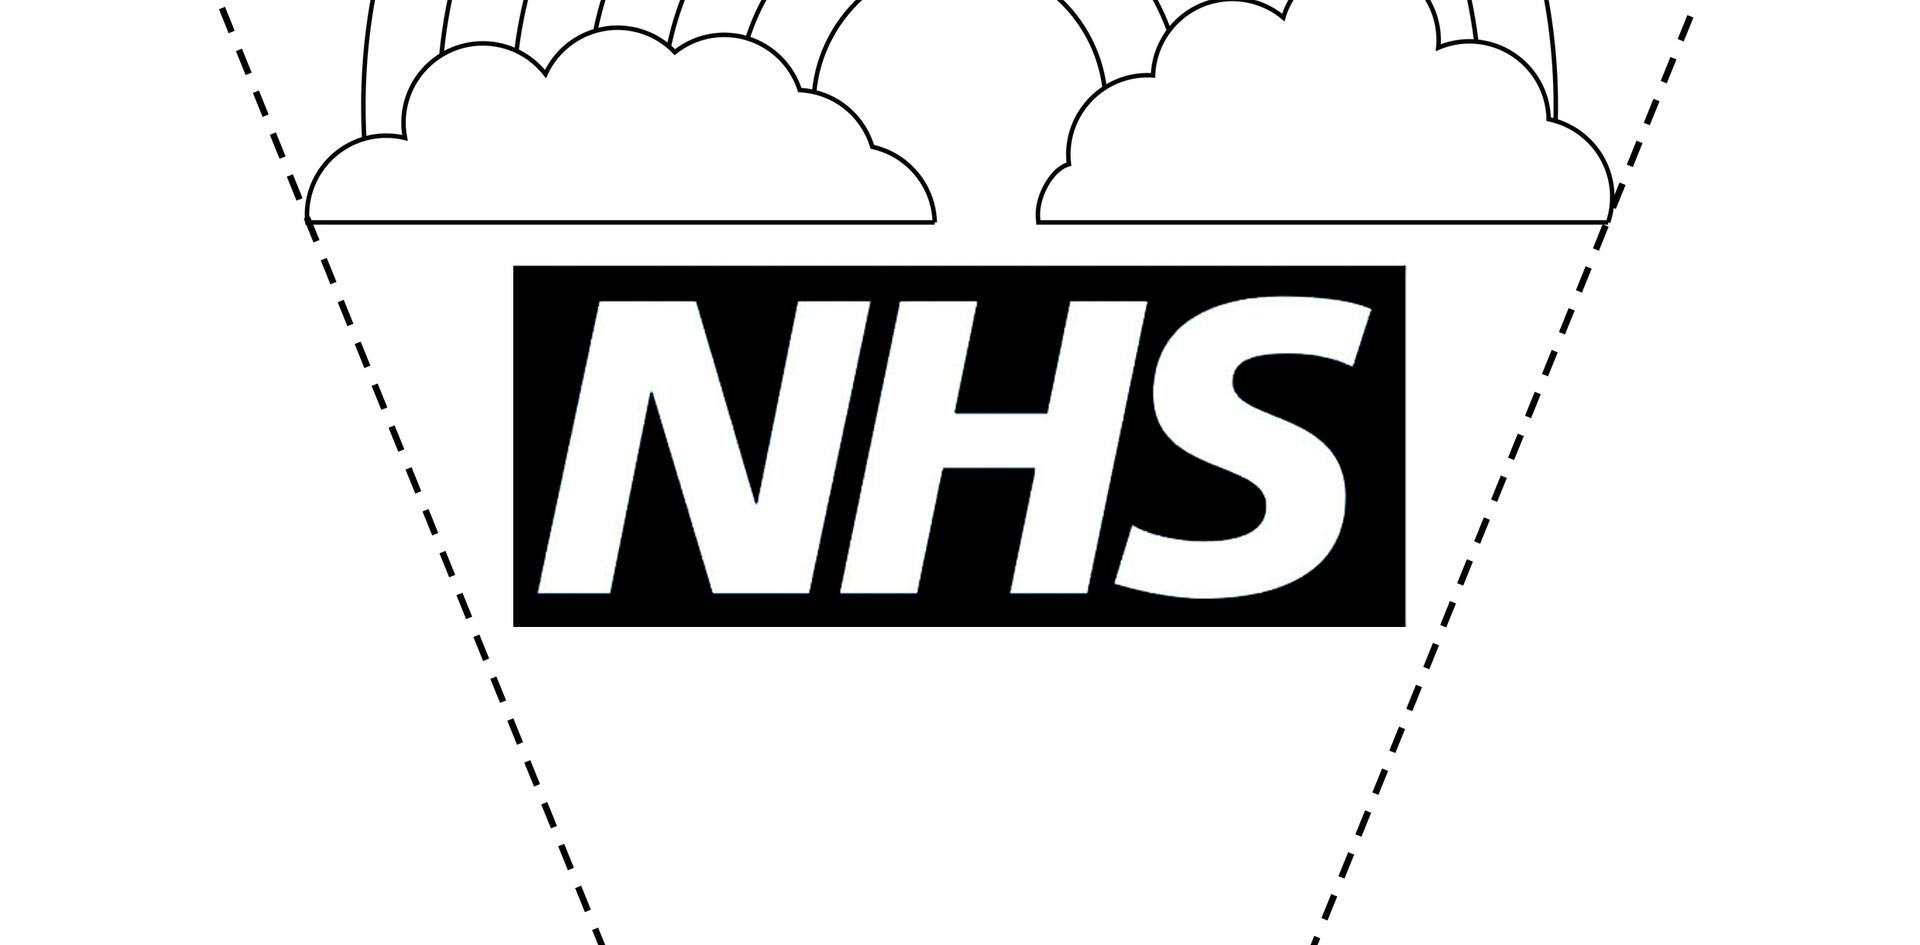 Bunting NHS STC.jpg